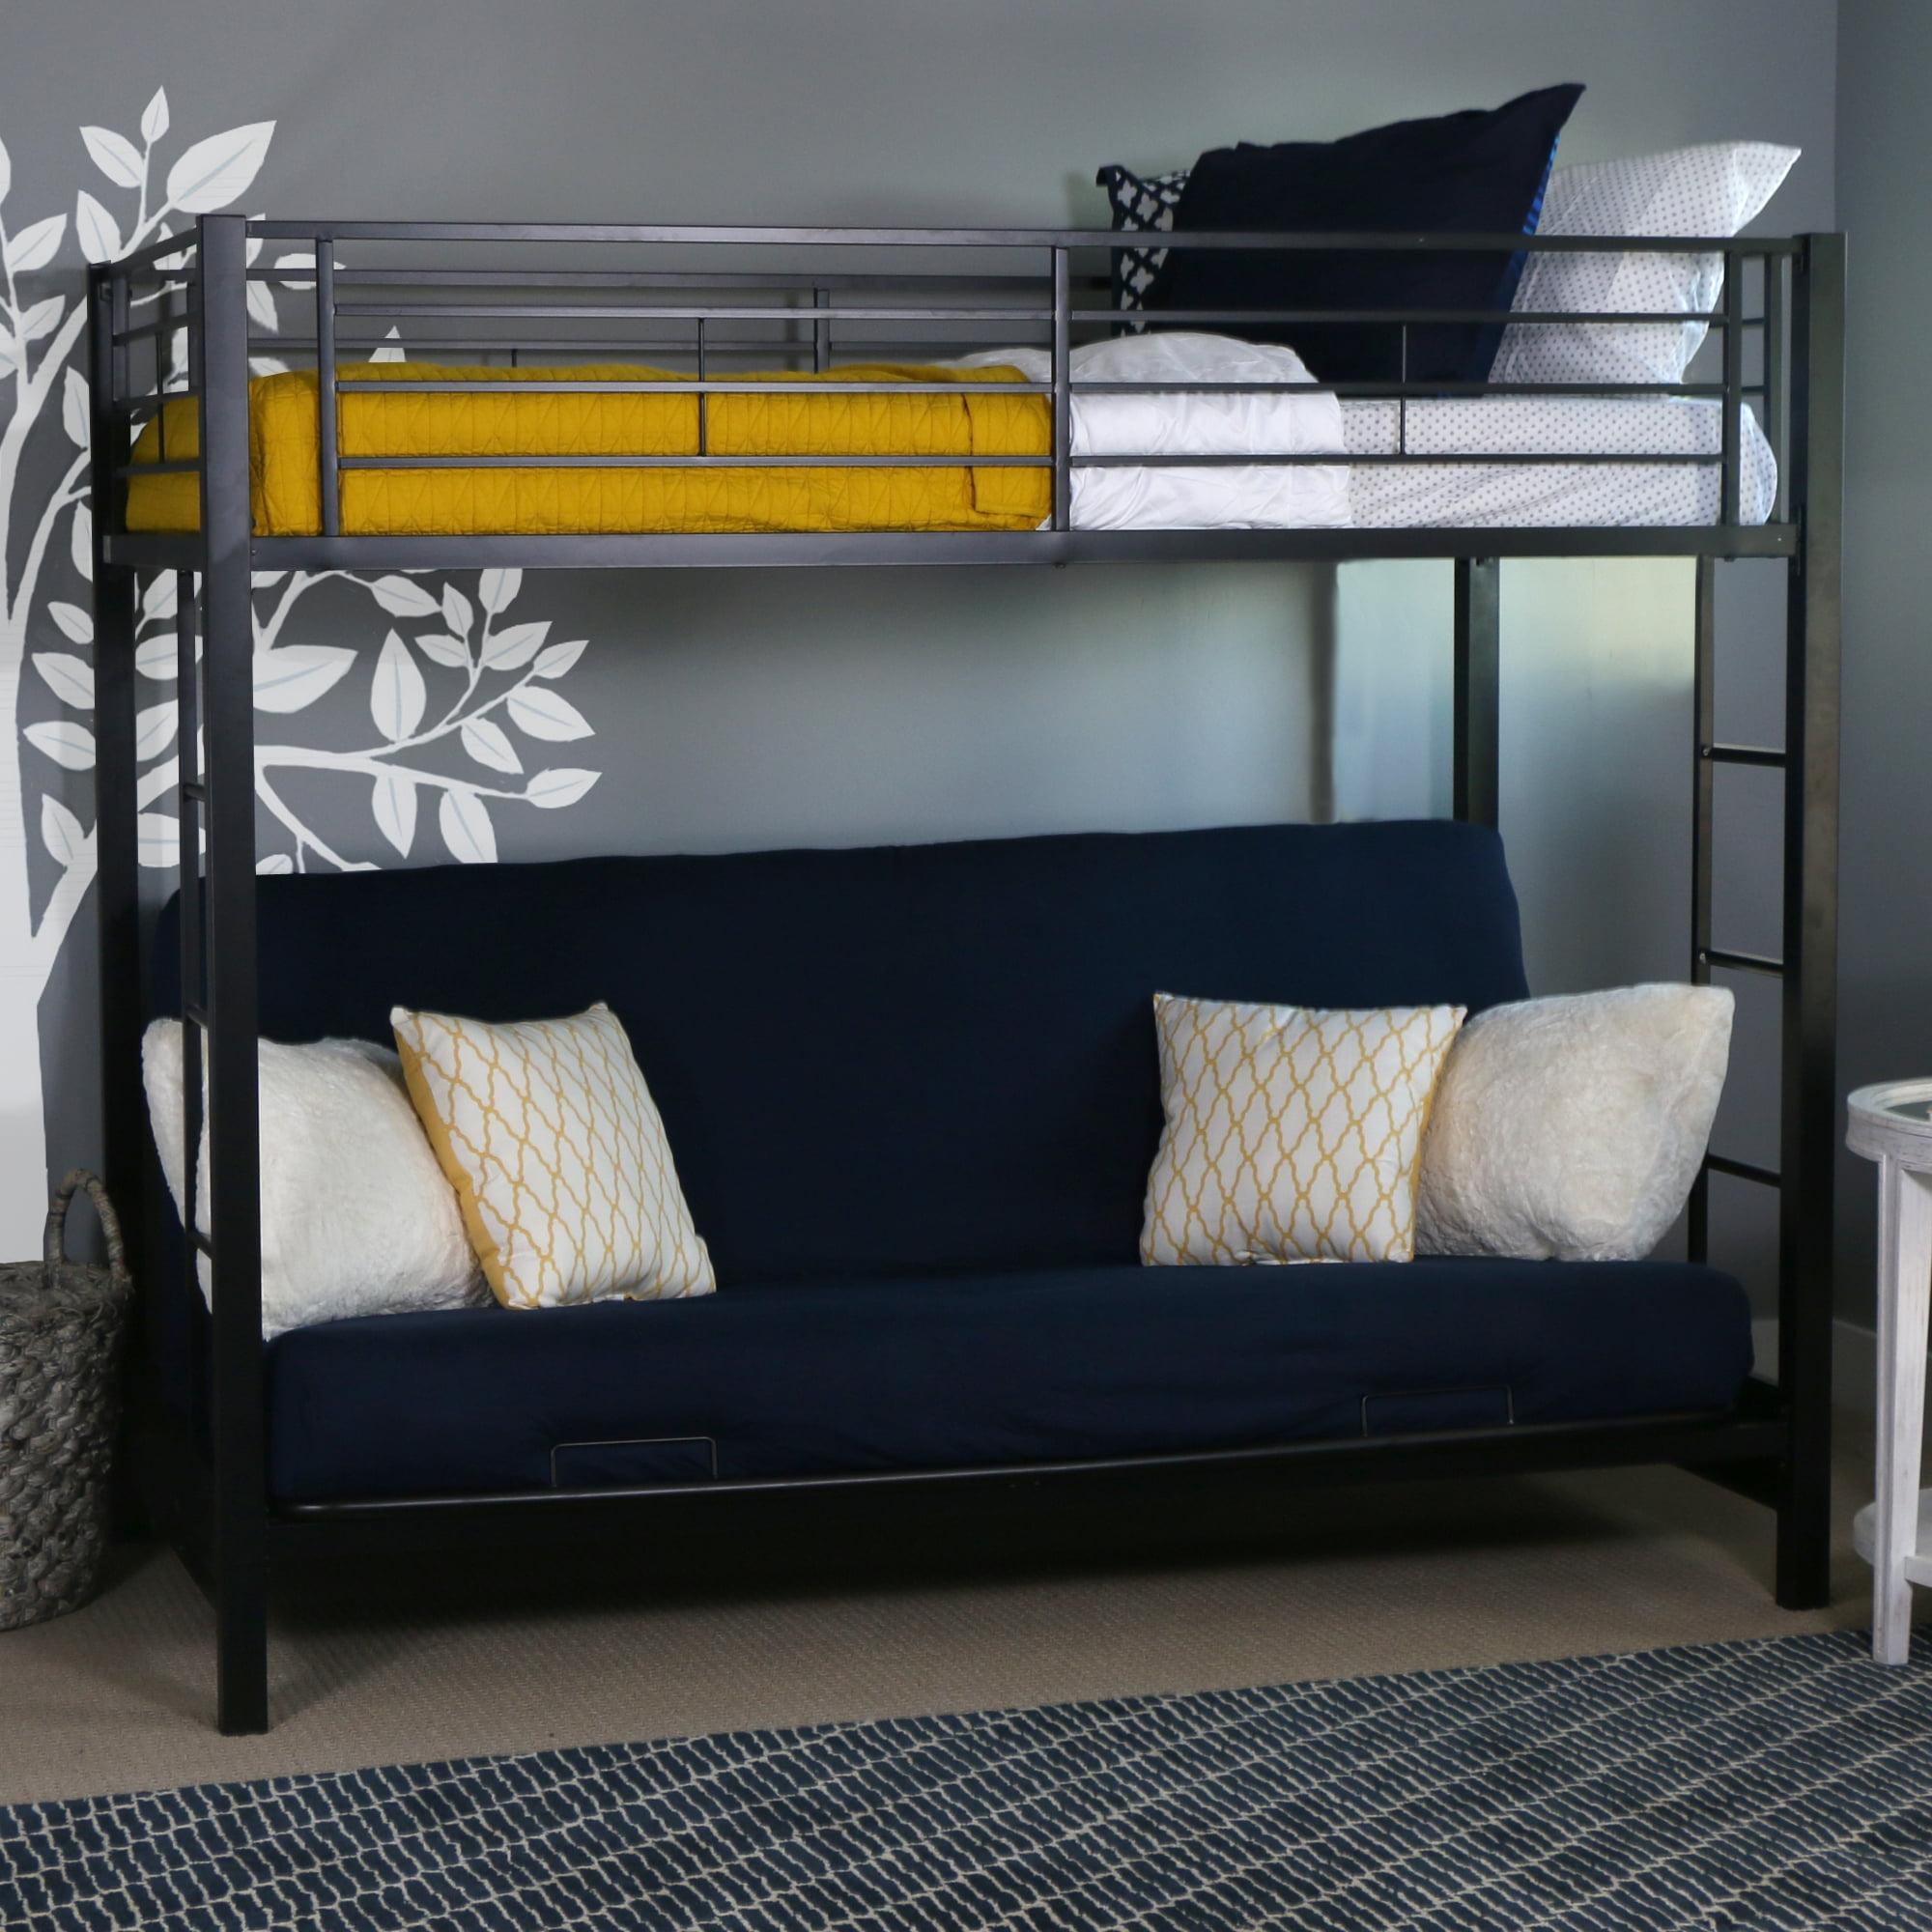 Universal full over full bunk bed for Full over full bunk beds